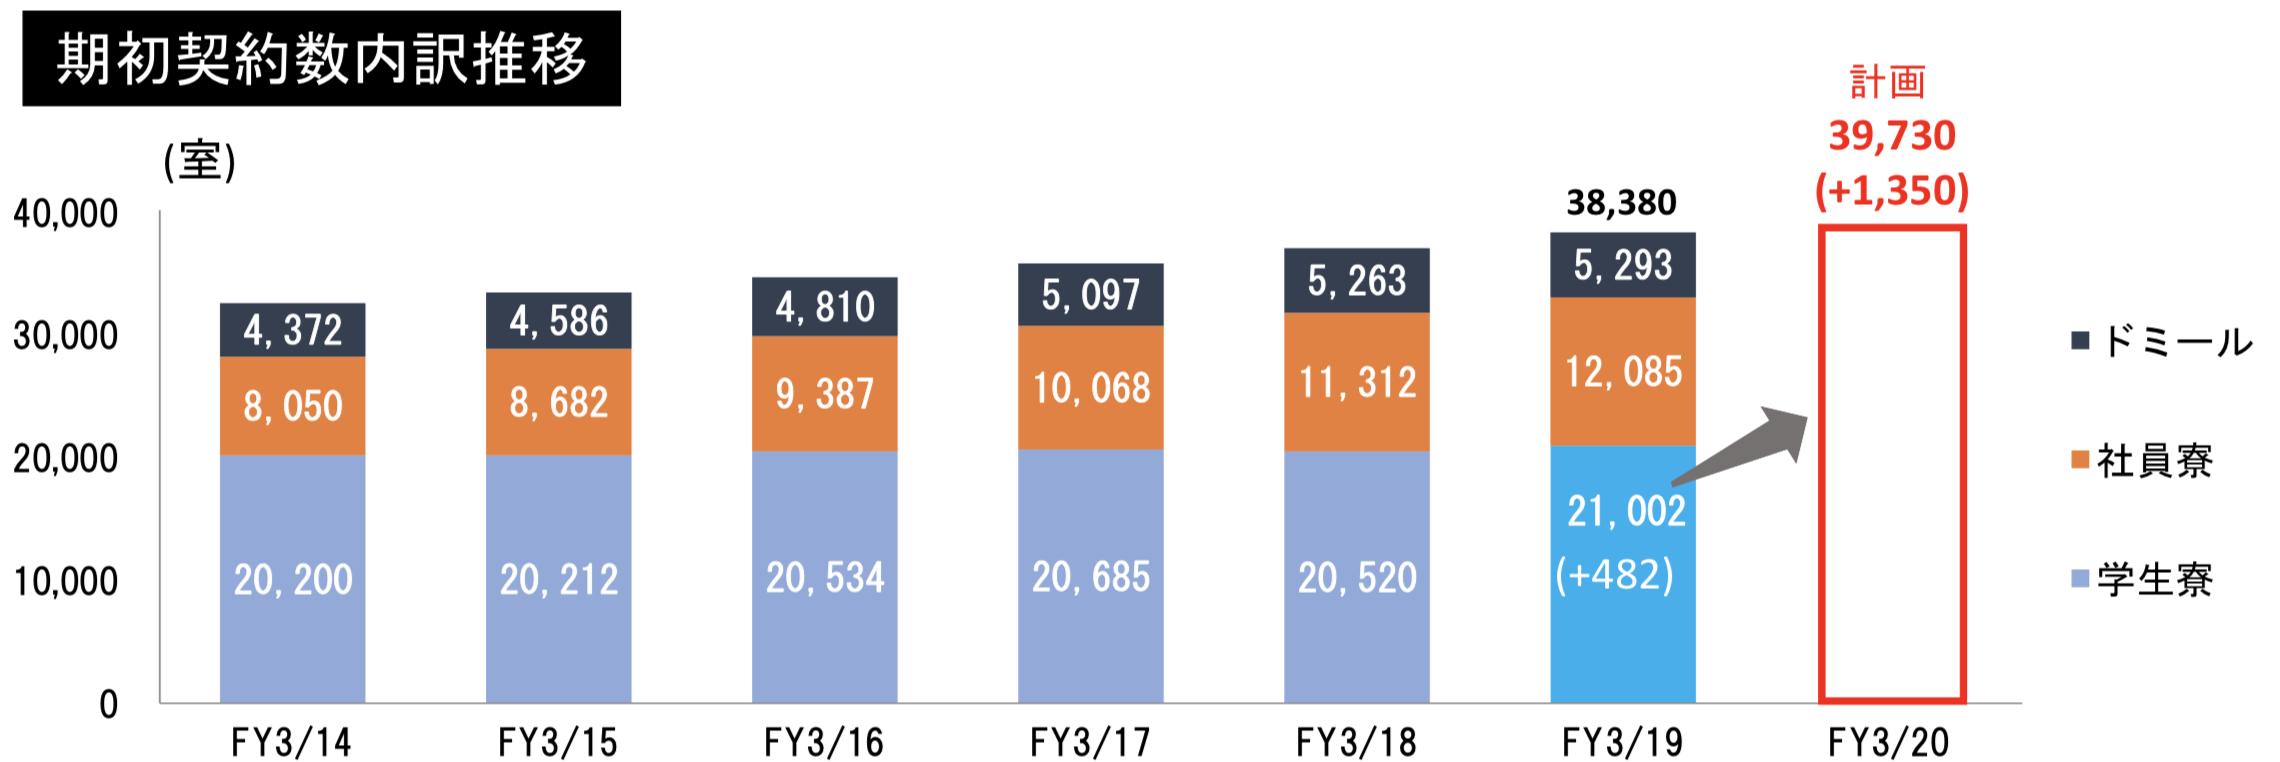 共立メンテナンス 寮事業の契約者数の推移